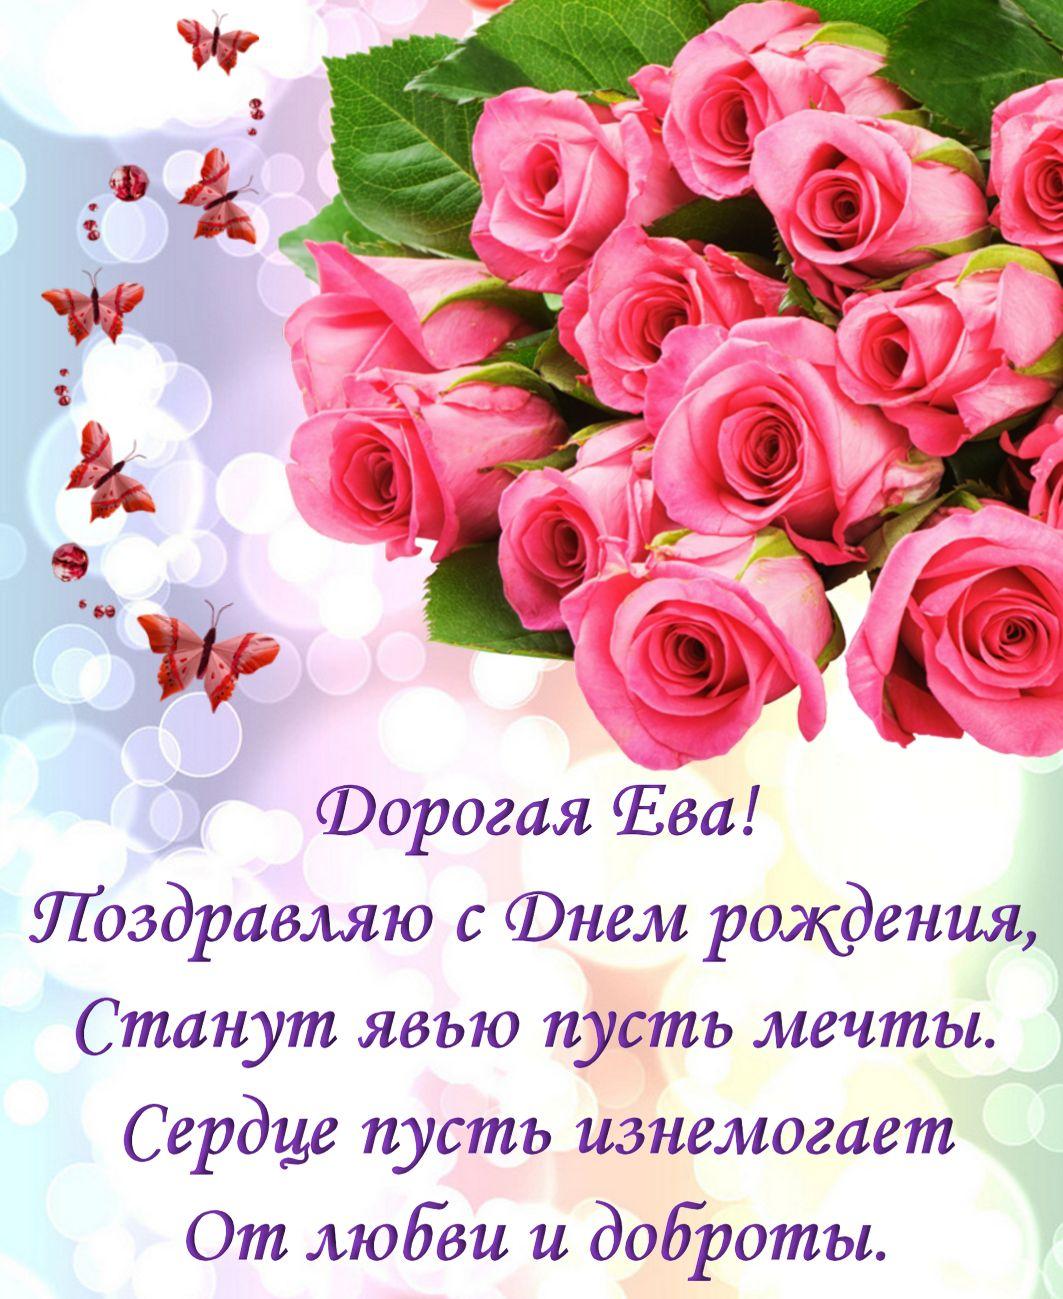 Открытка с Днем рождения Еве - букет розовых роз и красивое пожелание